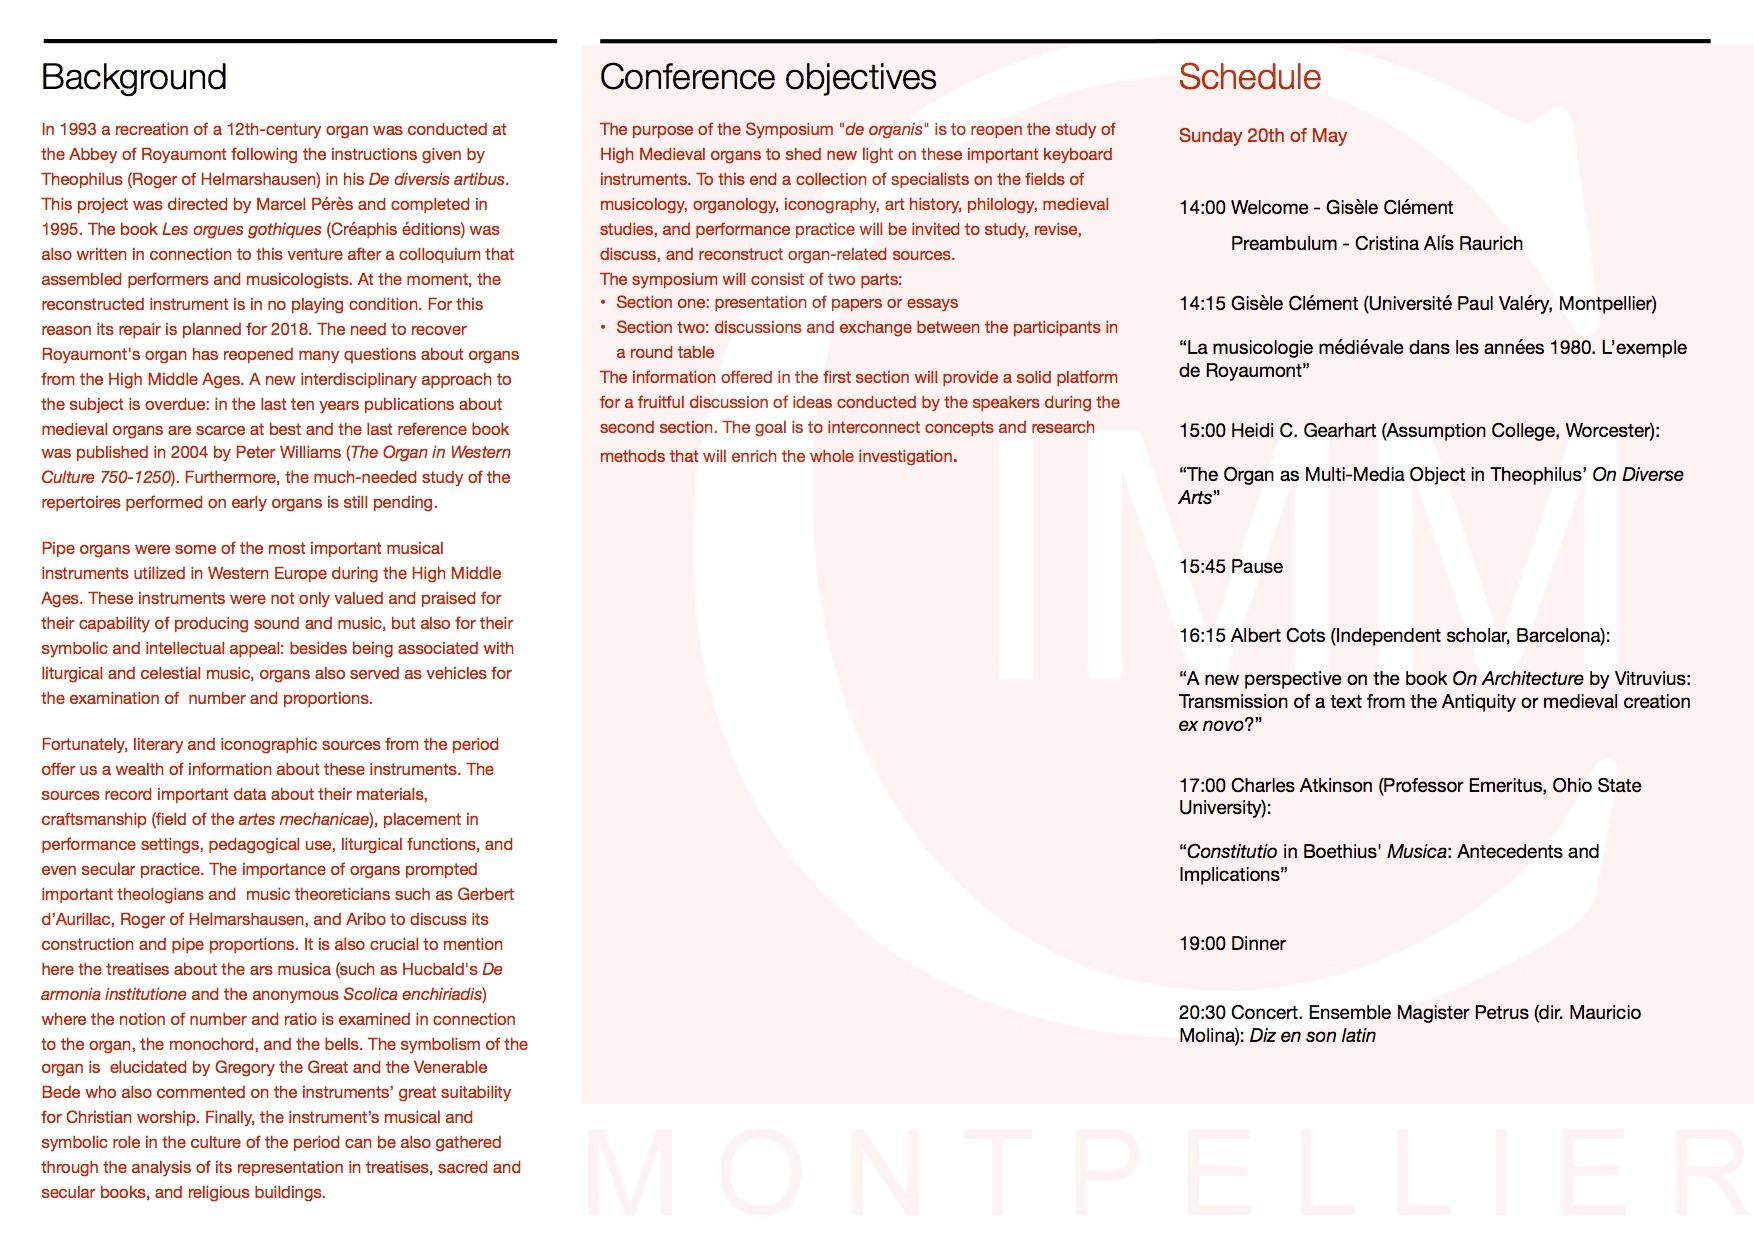 """Symposium """"de organis"""" - Program page 2"""